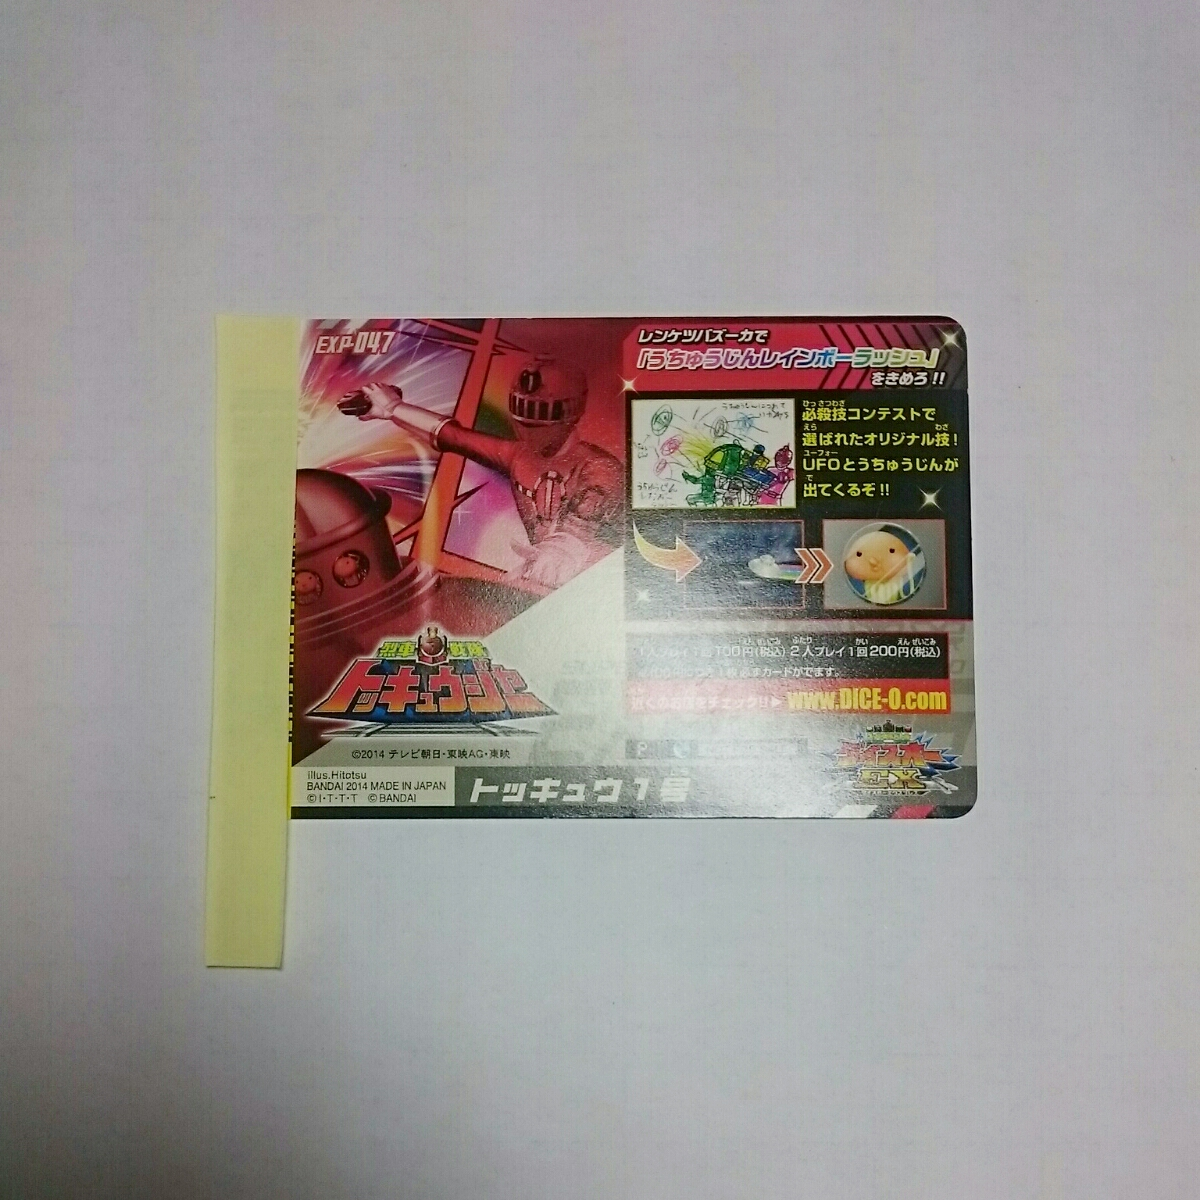 トッキュウ1号 烈車戦隊トッキュウジャー スーパー戦隊バトル ダイスオーEX カード_画像2